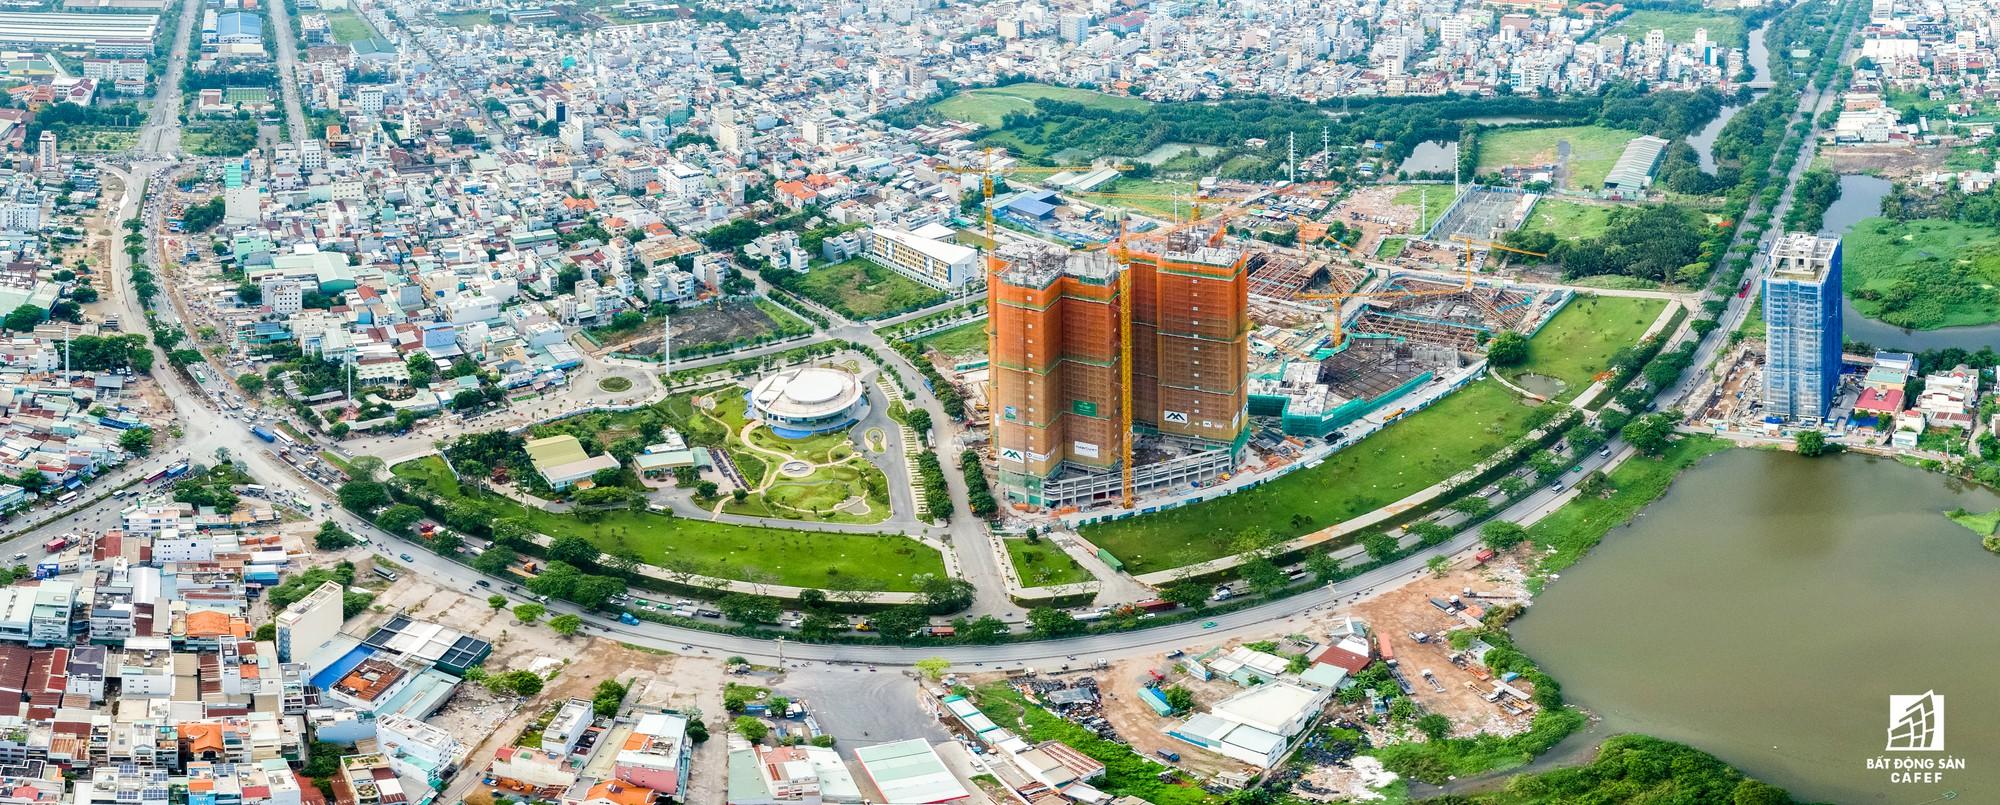 Toàn cảnh đại lộ tỷ đô đã tạo nên một thị trường bất động sản rất riêng cho khu Nam Sài Gòn - Ảnh 3. Toàn cảnh đại lộ tỷ đô đã tạo nên một thị trường bất động sản rất riêng cho khu Nam Sài Gòn Toàn cảnh đại lộ tỷ đô đã tạo nên một thị trường bất động sản rất riêng cho khu Nam Sài Gòn hinh 1 15672194450521286566634